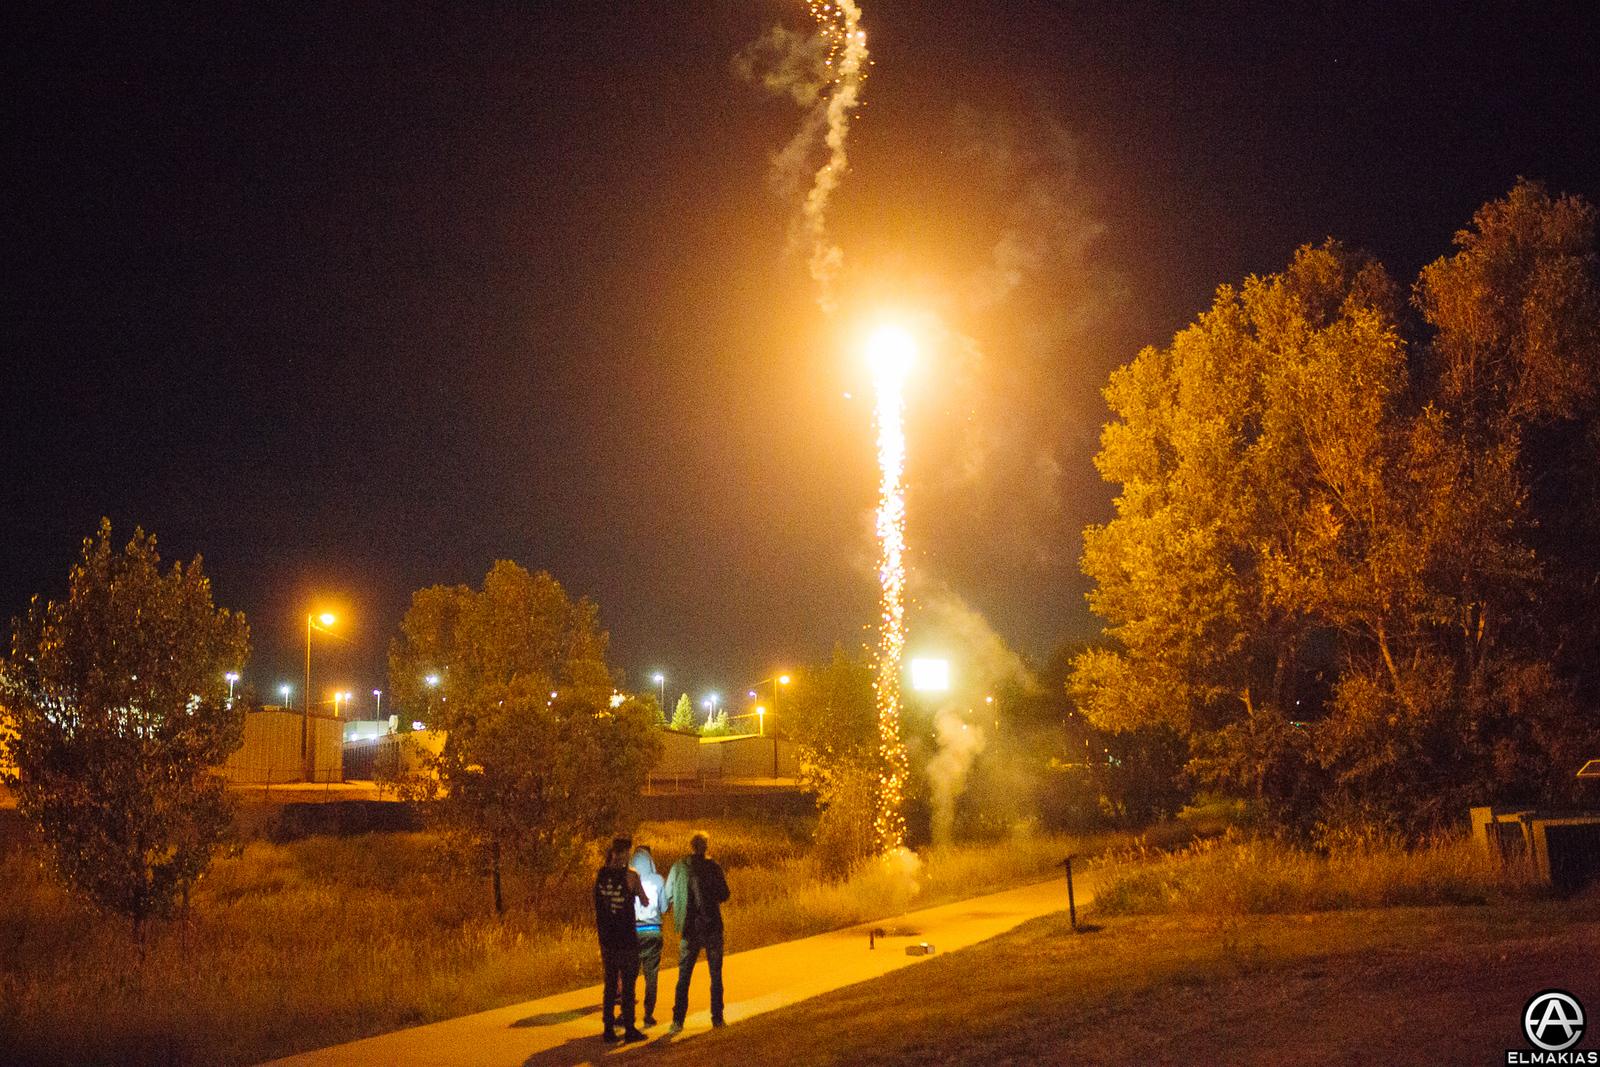 Fireworks by Adam Elmakias